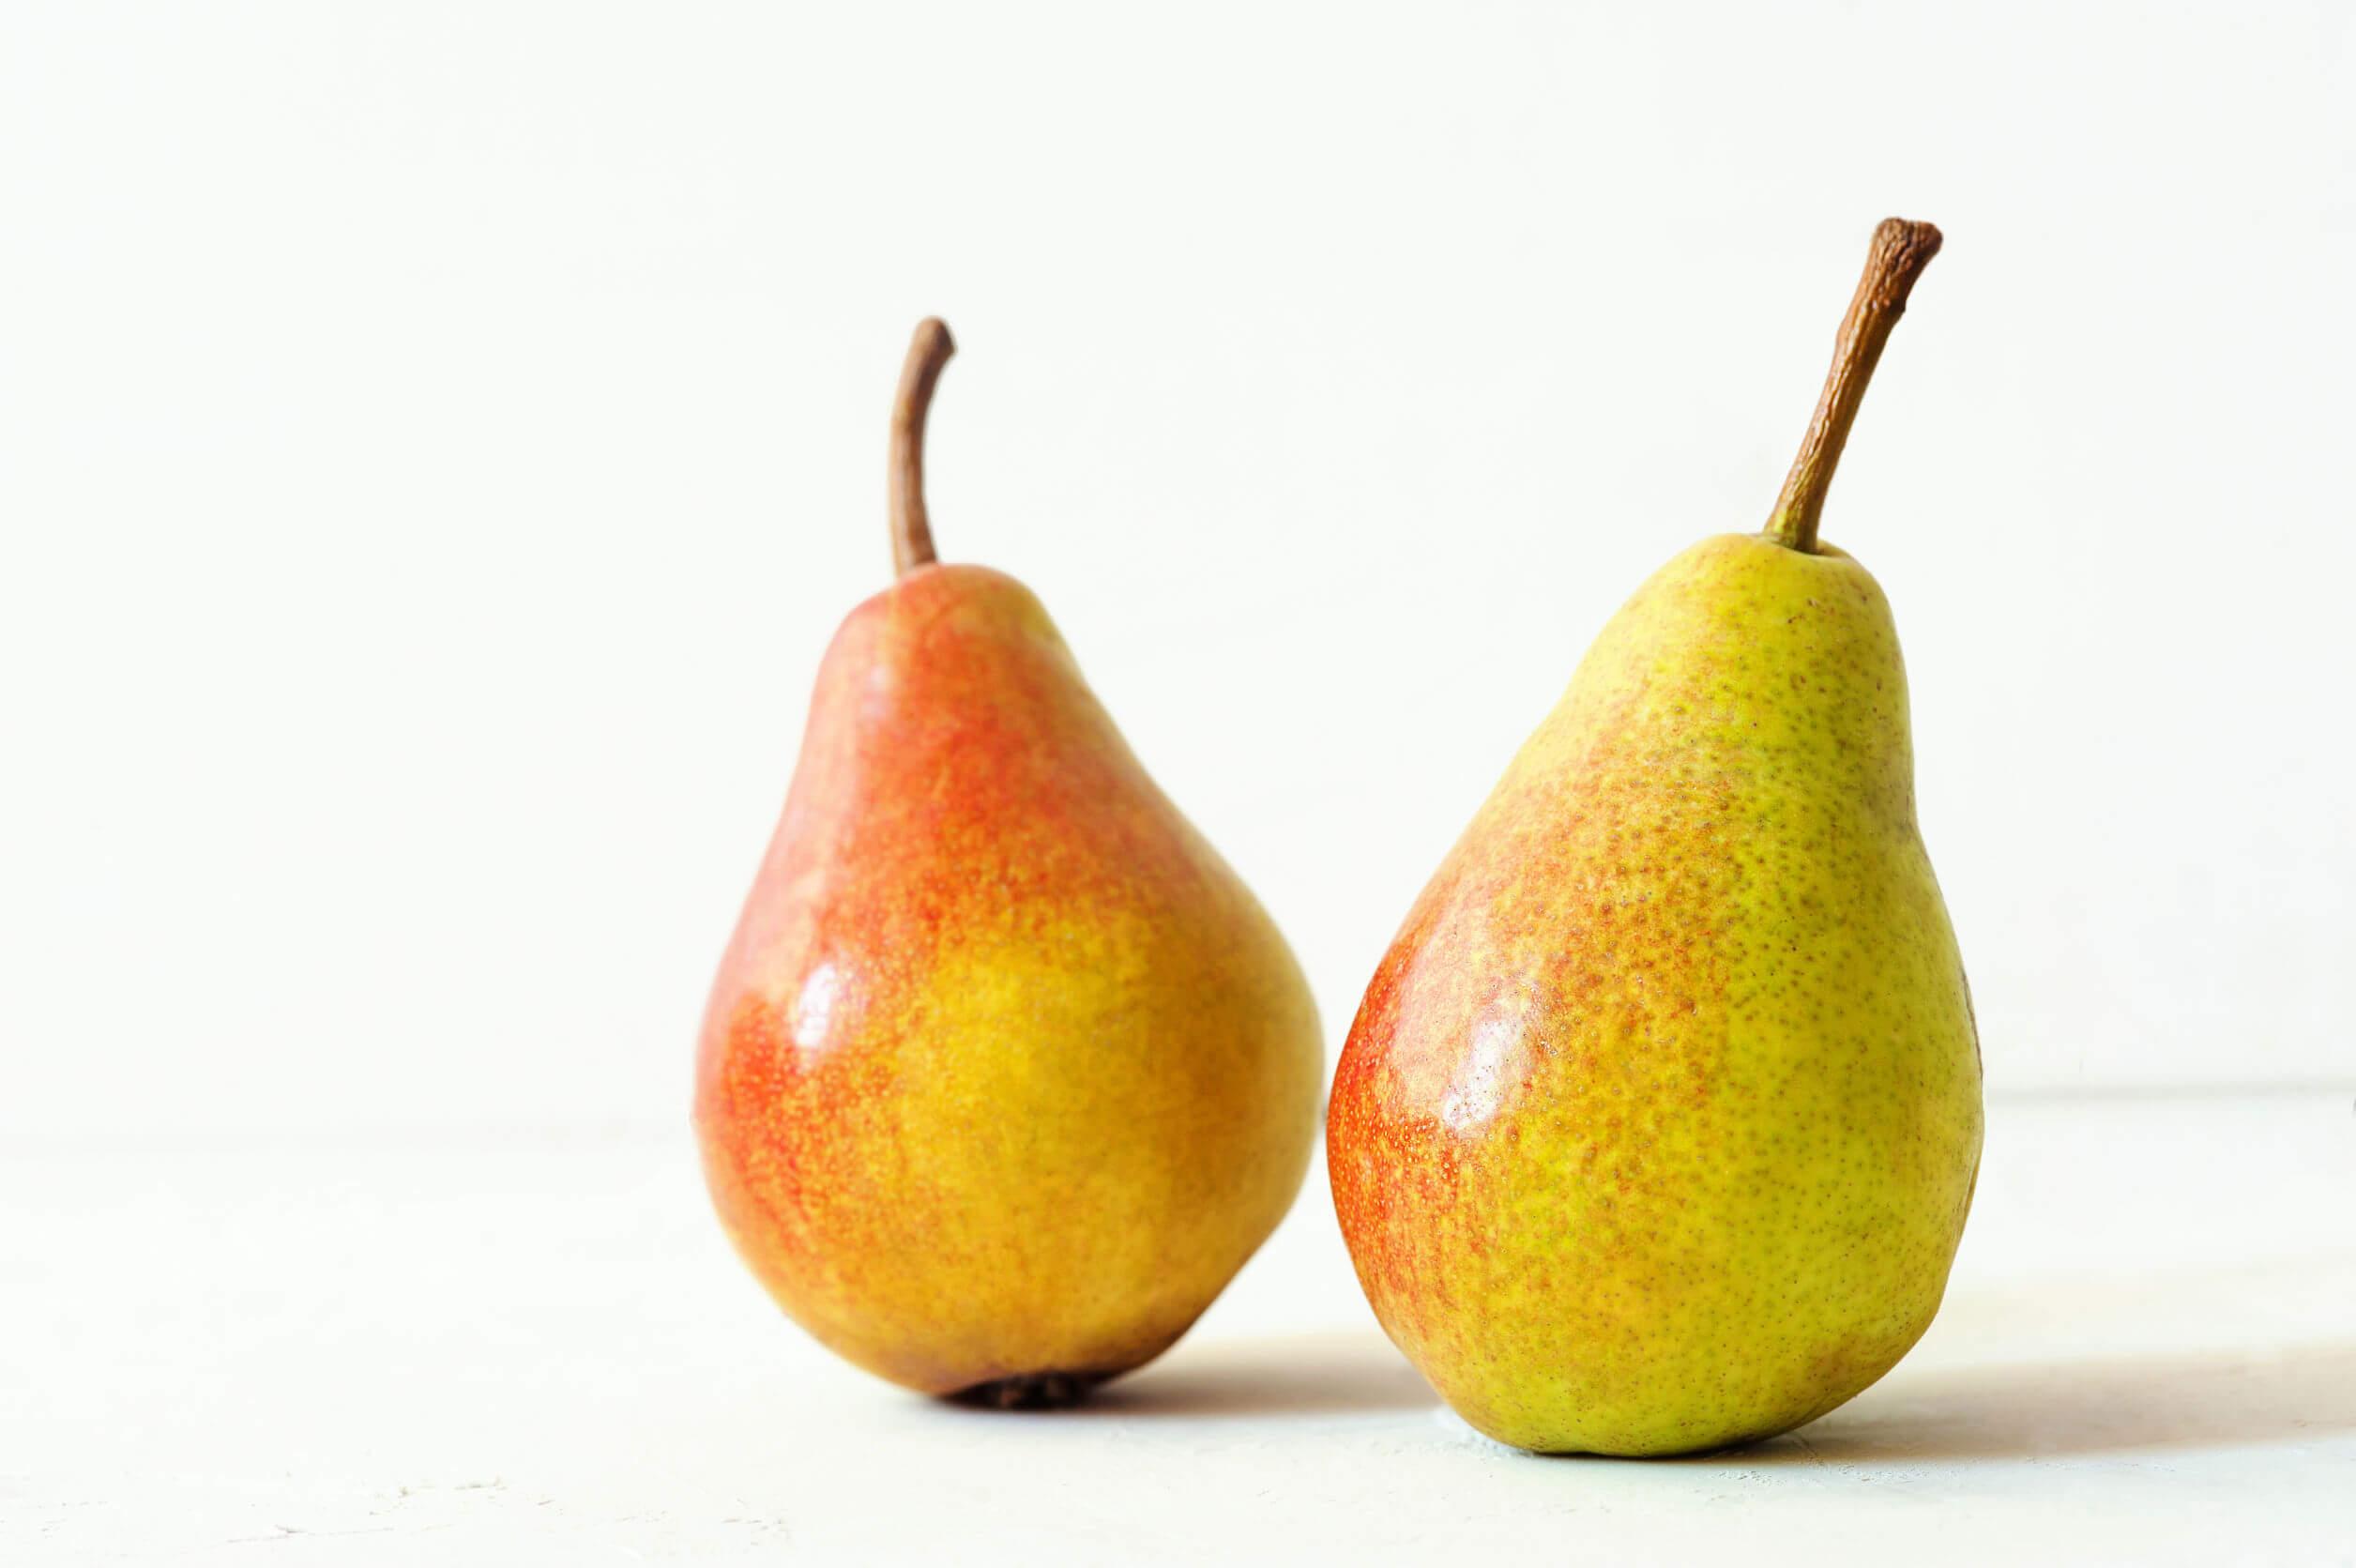 Entra las frutas puede comer un bebé están las peras.